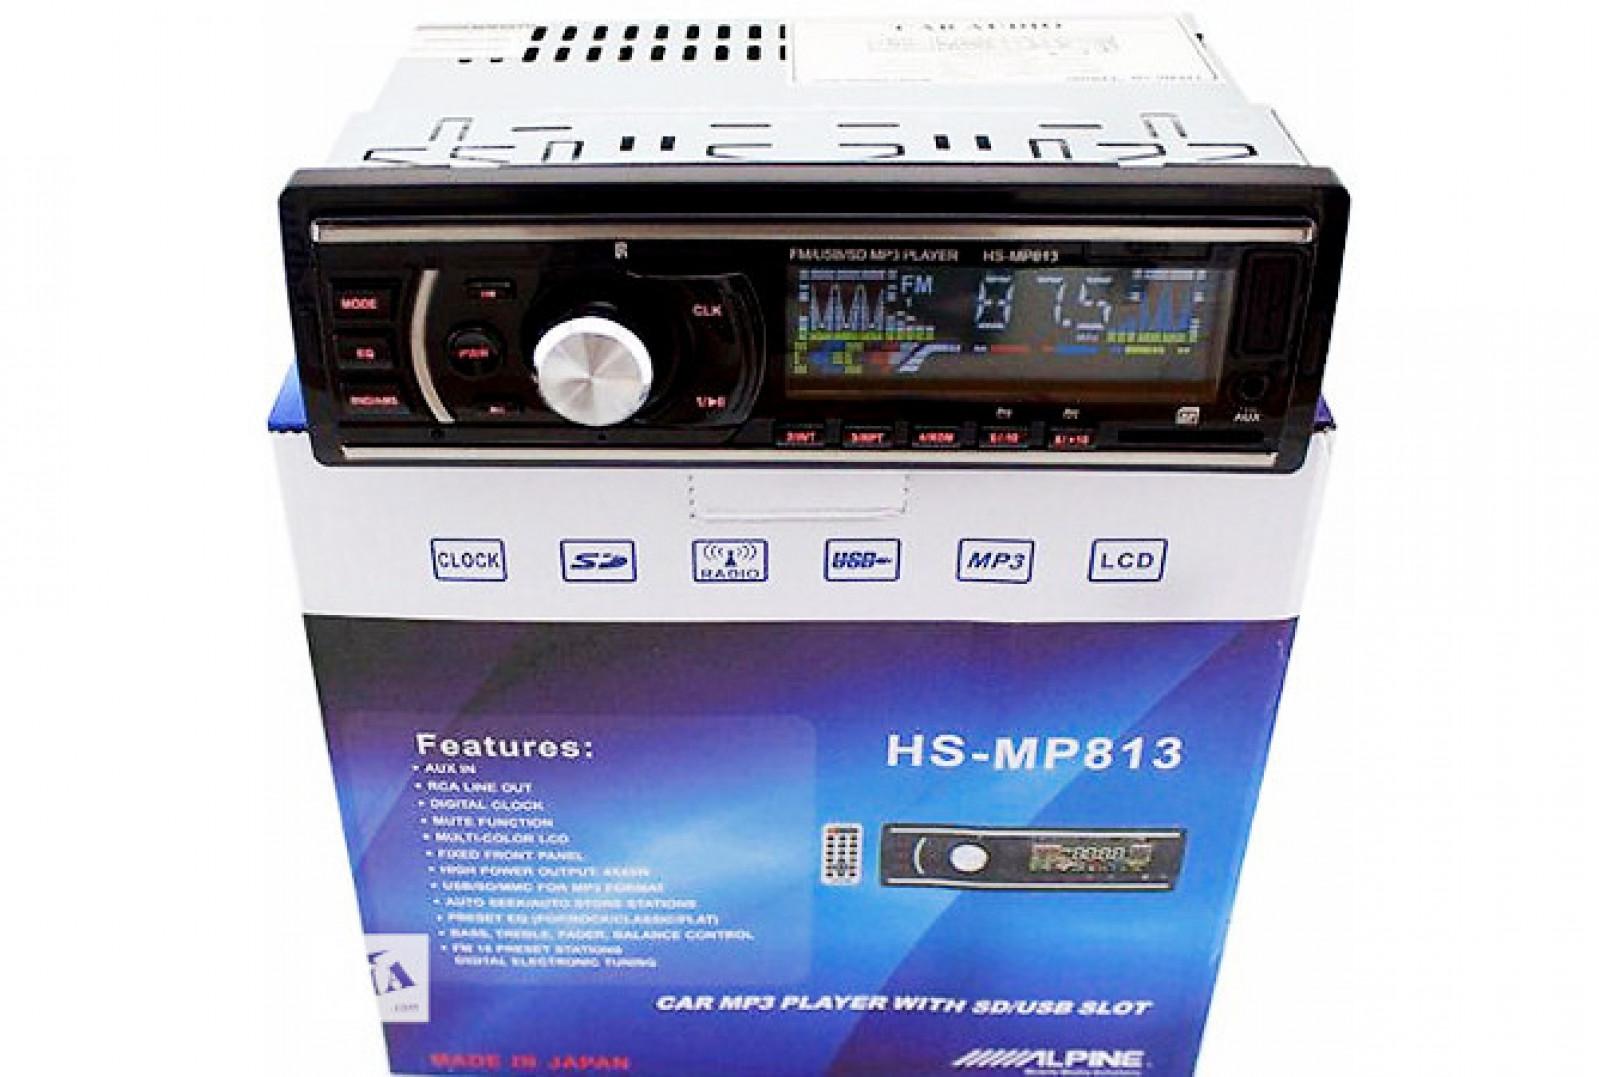 product-Avtomagnitola-MP3-HS-MP-813-am_cbc1f66133dbc30dab75d8ce24e359b5-ipthumb1600xprop